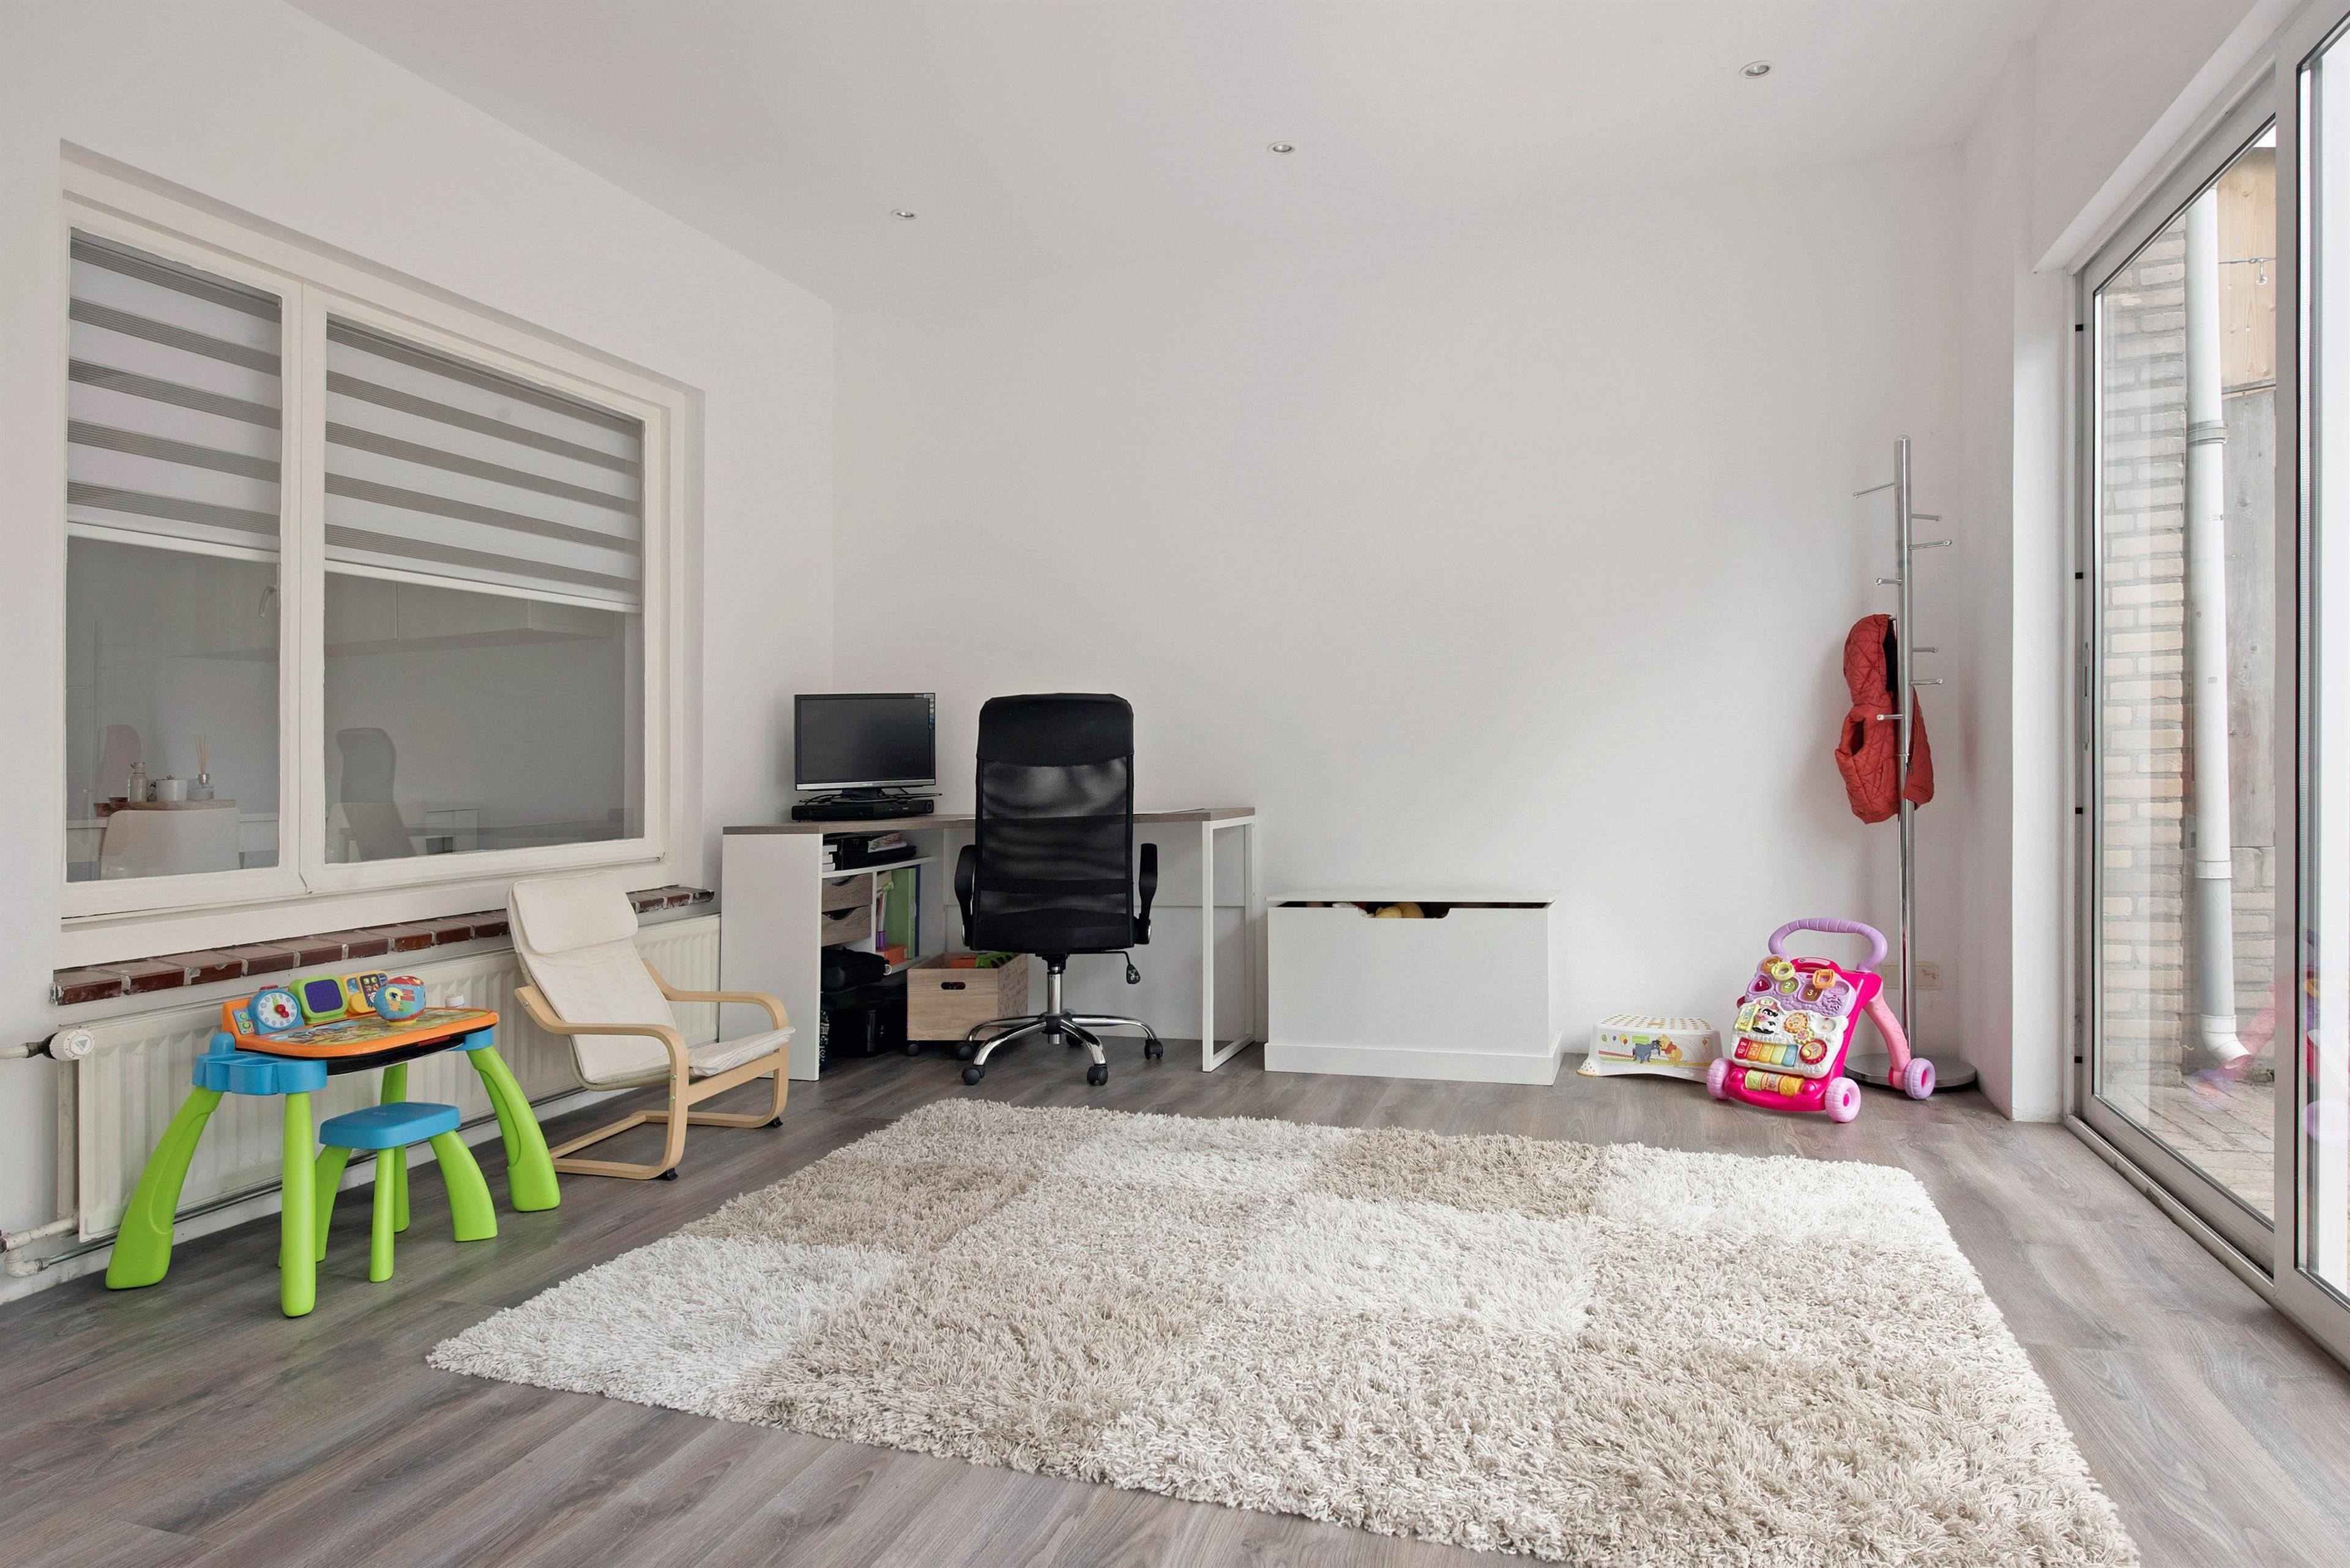 Eigenhuis Keukens Hoofddorp : 49 fris eigenhuis keuken hoofddorp decoration in 2018 pinterest